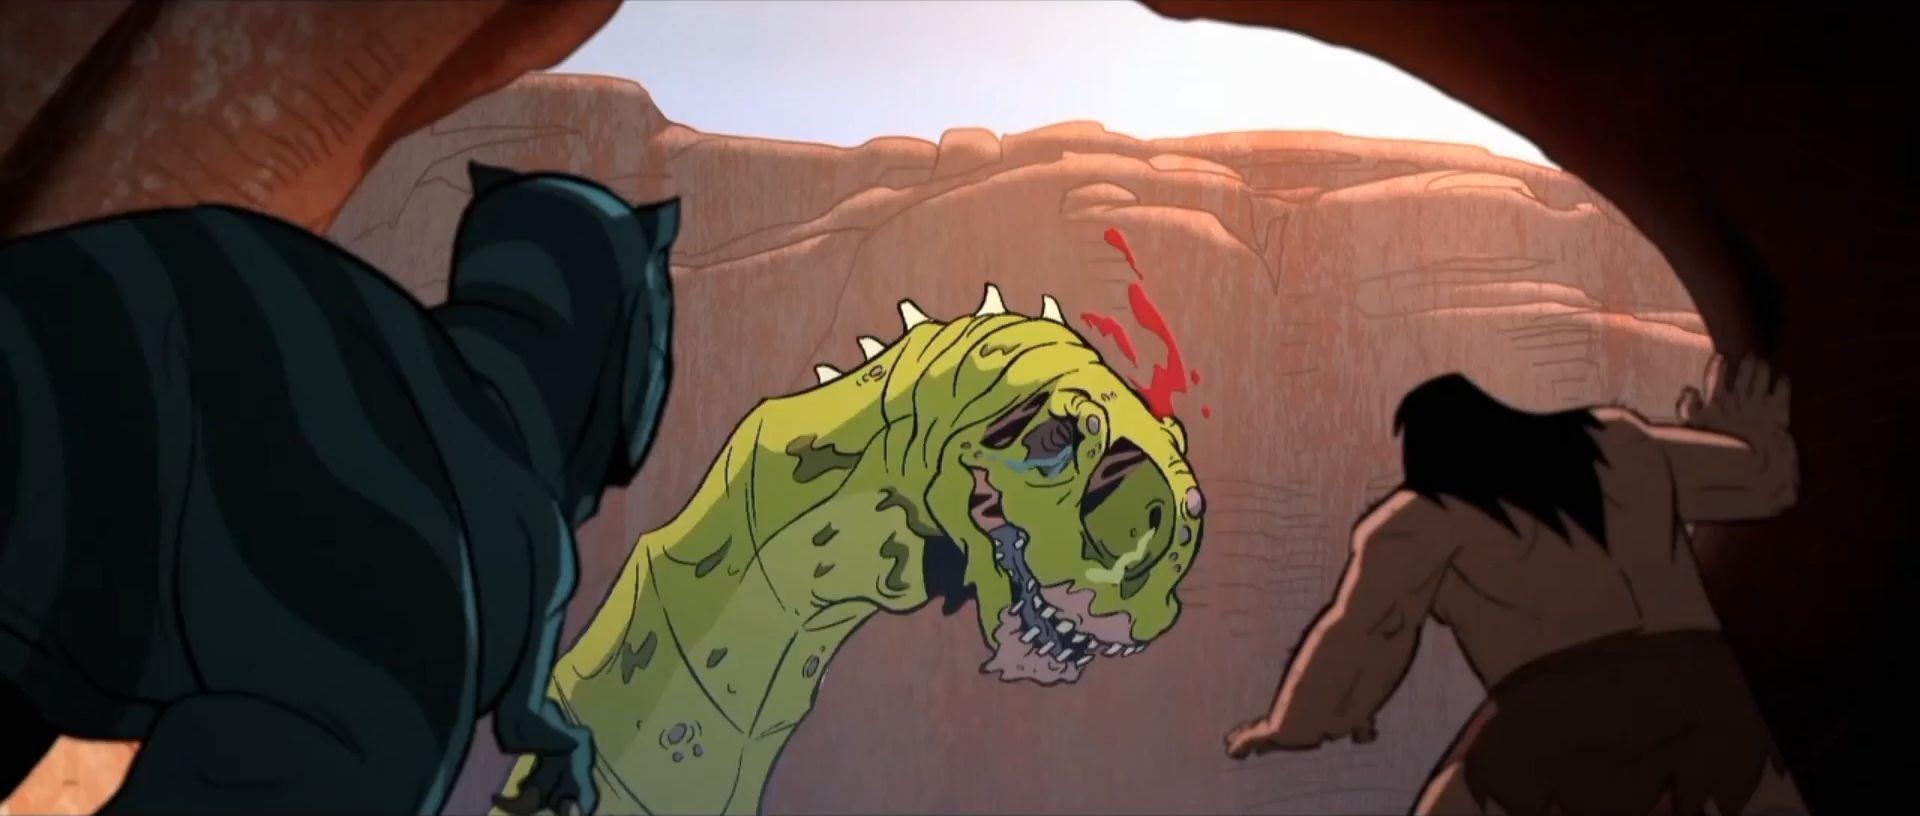 Первобытный — s01e06 — Plague of Madness